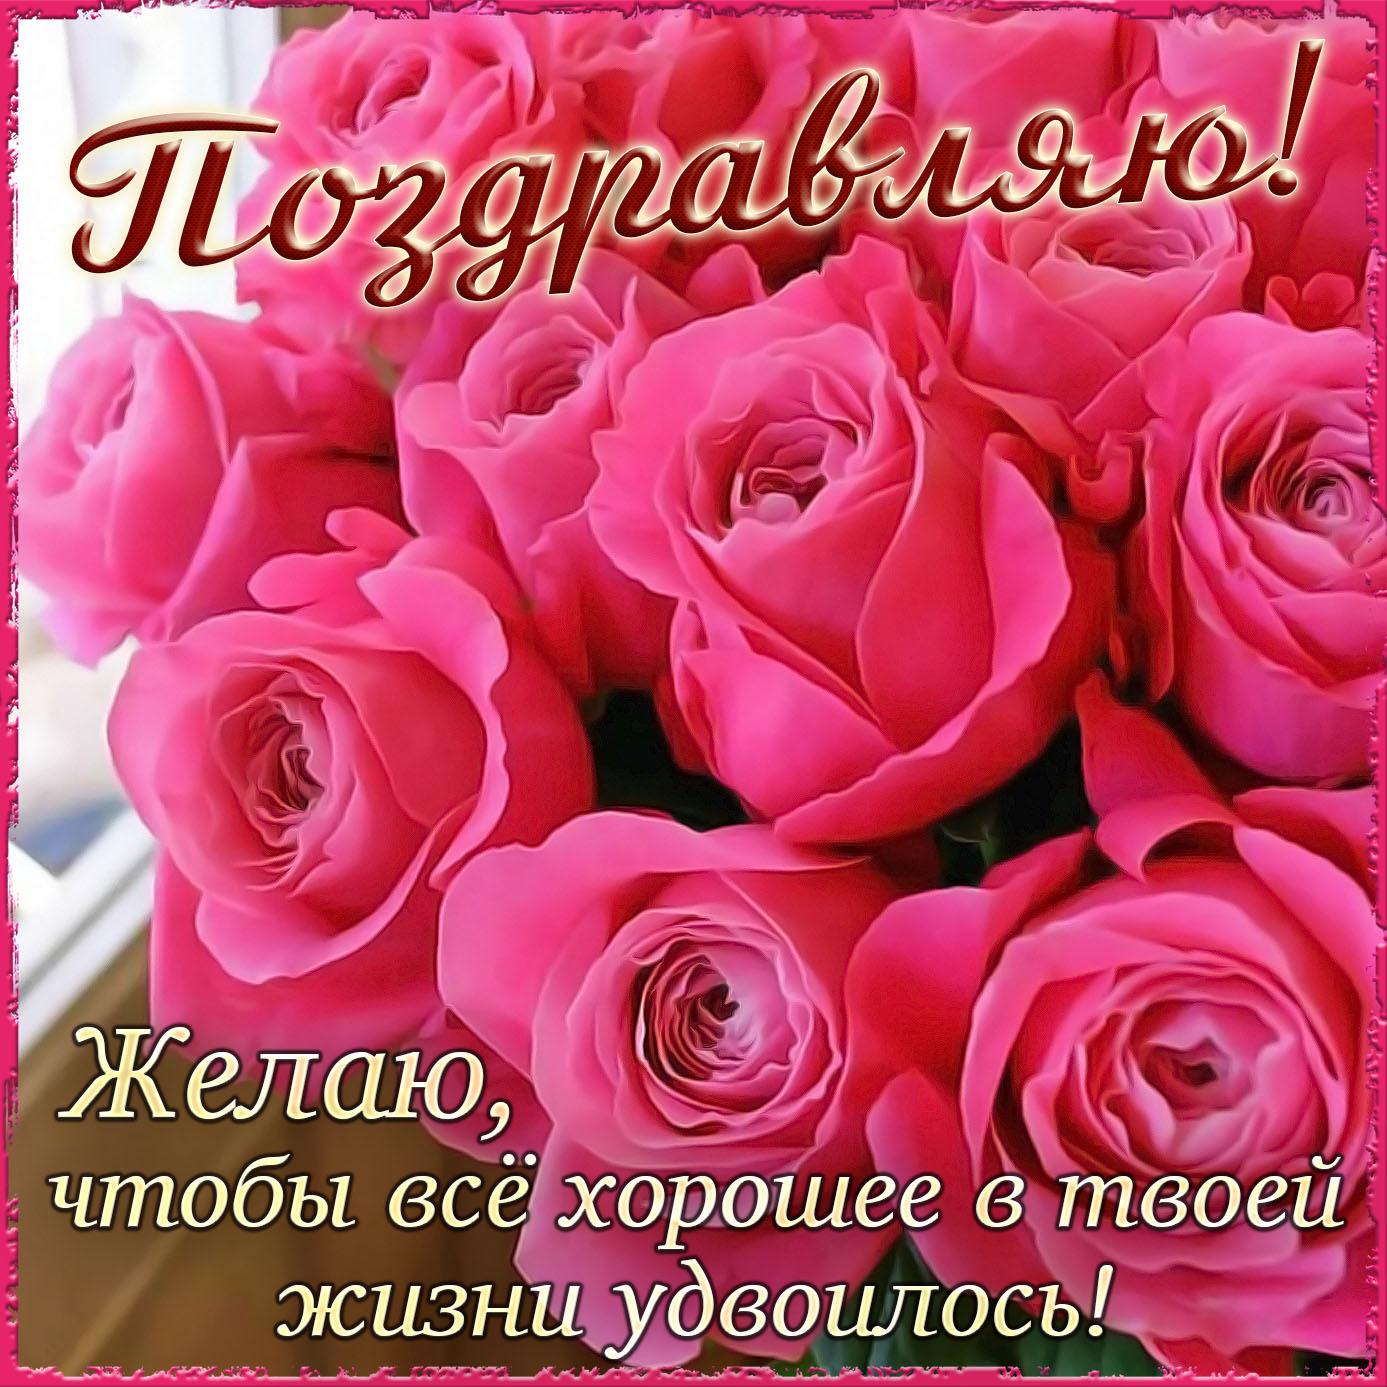 Открытка с яркими розами на День рождения